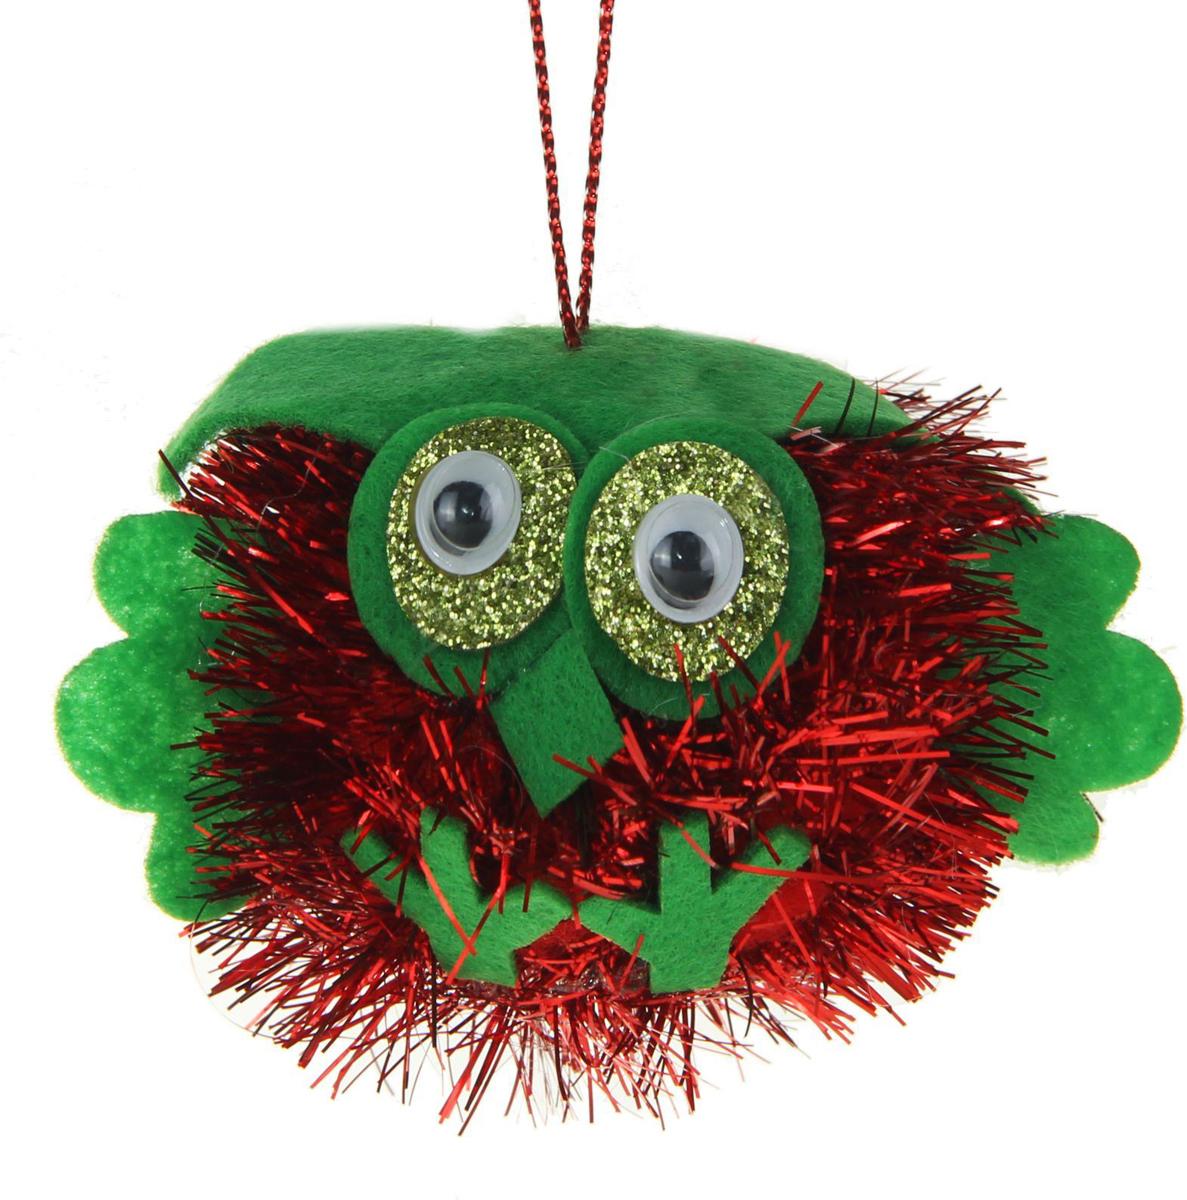 Новогоднее подвесное украшение Sima-land Совенок. Блеск, цвет: красный, 5 х 7 см1381159Новогоднее украшение Sima-land отлично подойдет для декорации вашего дома и новогодней ели.Елочная игрушка - символ Нового года. Она несет в себе волшебство и красоту праздника. Такое украшение создаст в вашем доме атмосферу праздника, веселья и радости.